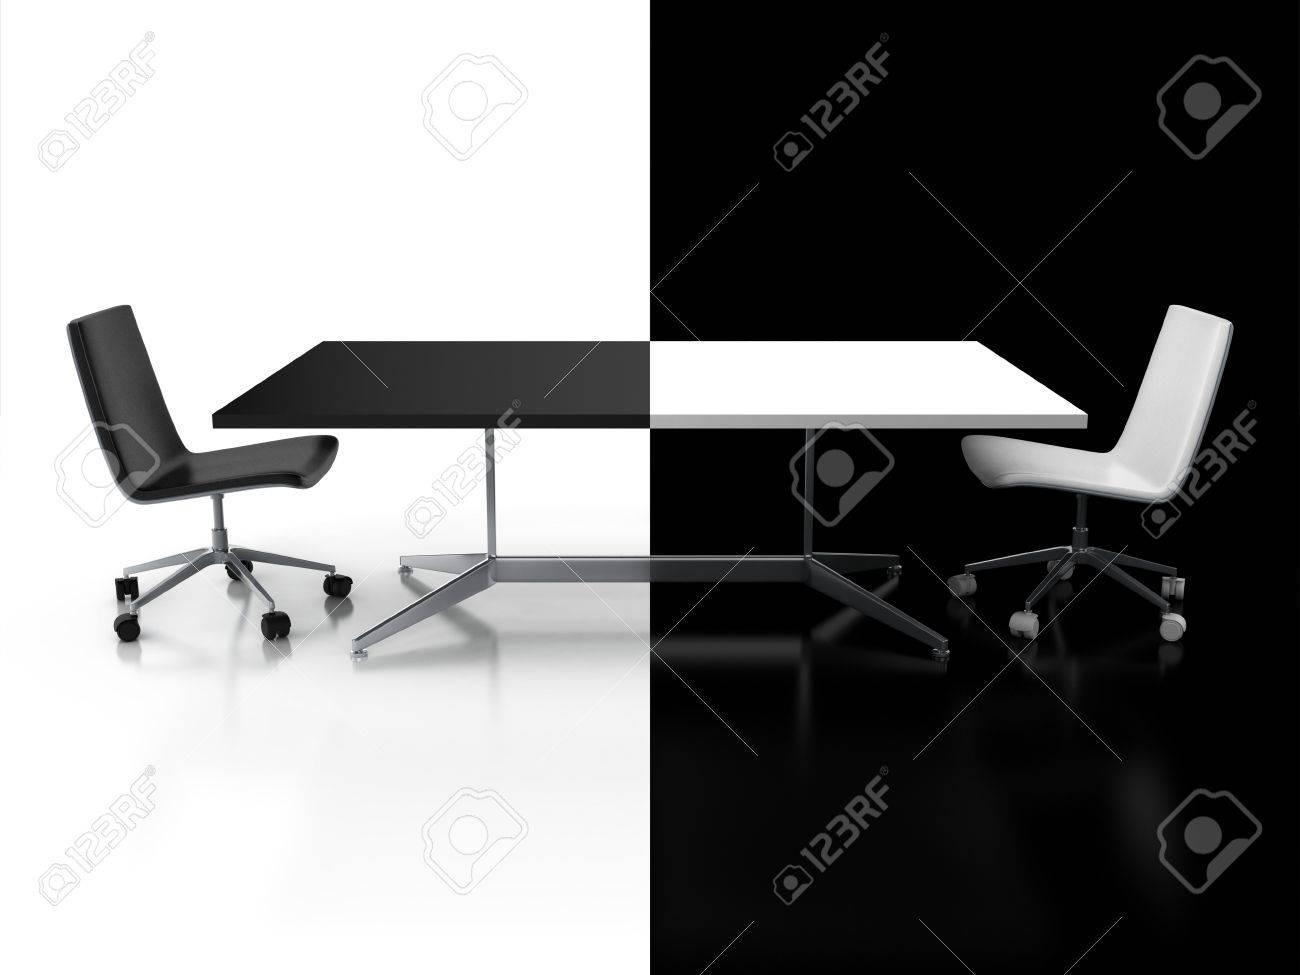 Bureau Noir Et Blanc négociations, le concept confrontation 3d - bureau noir et blanc